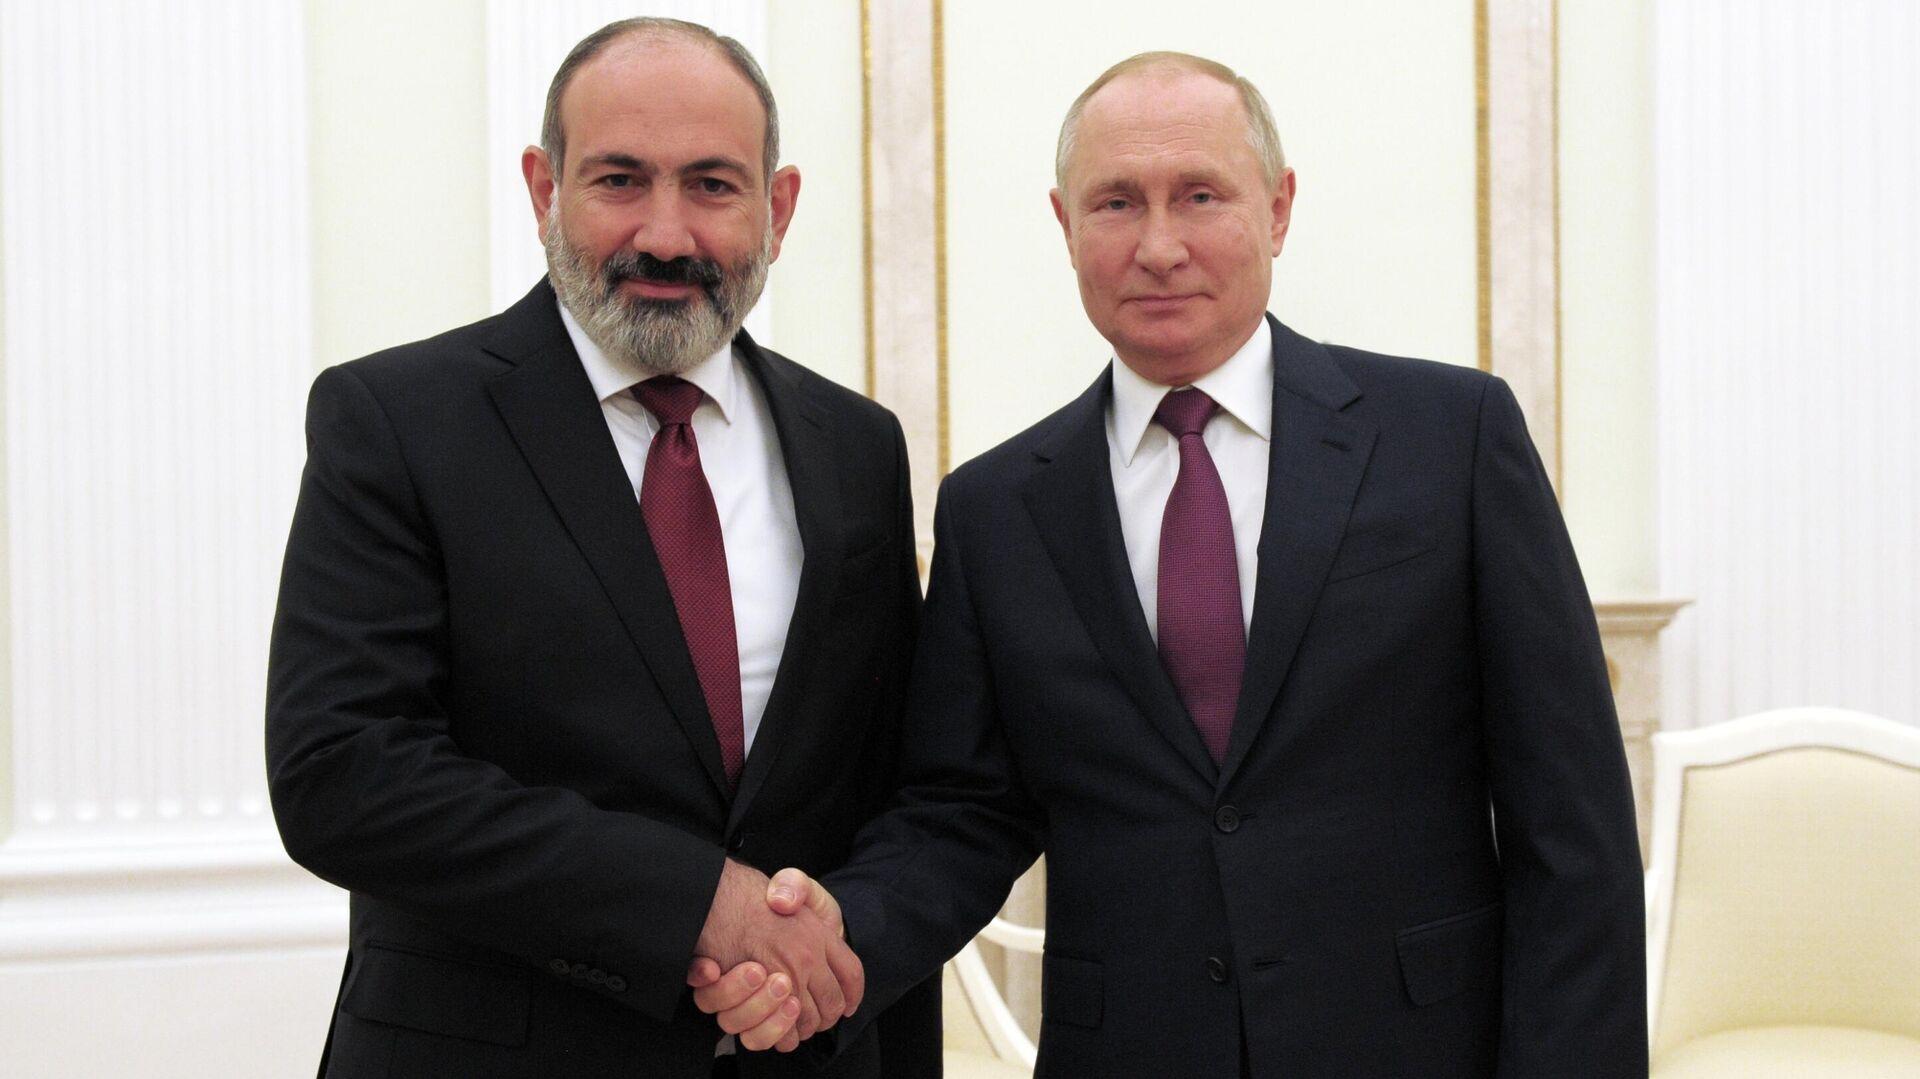 Встреча президента РФ В. Путина с премьер-министром Армении Н. Пашиняном - Sputnik Грузия, 1920, 12.10.2021